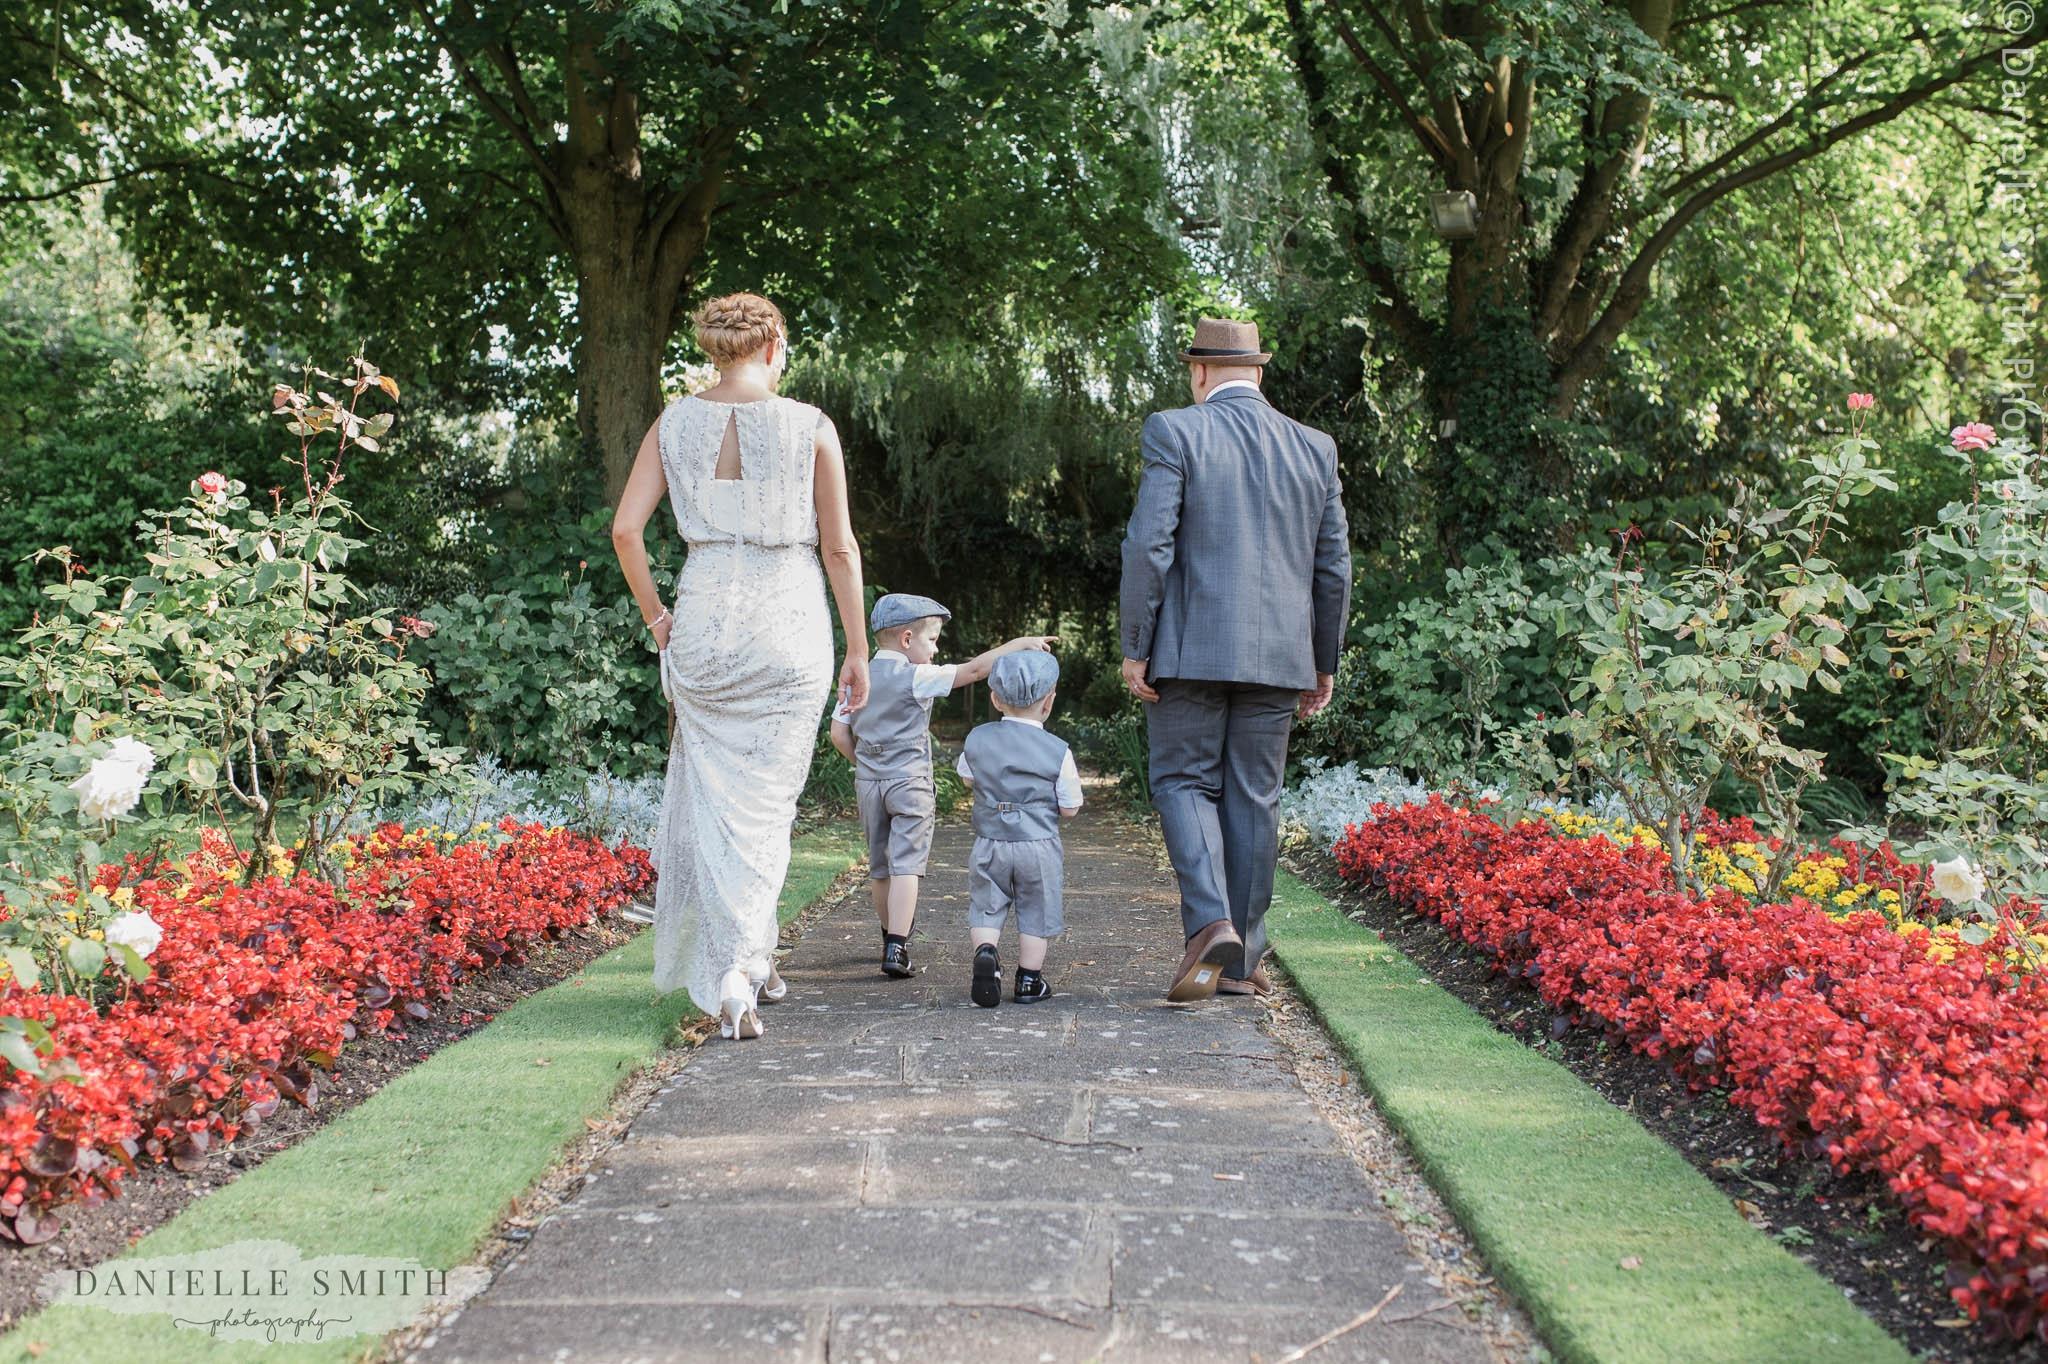 family photo at wedding - walking away